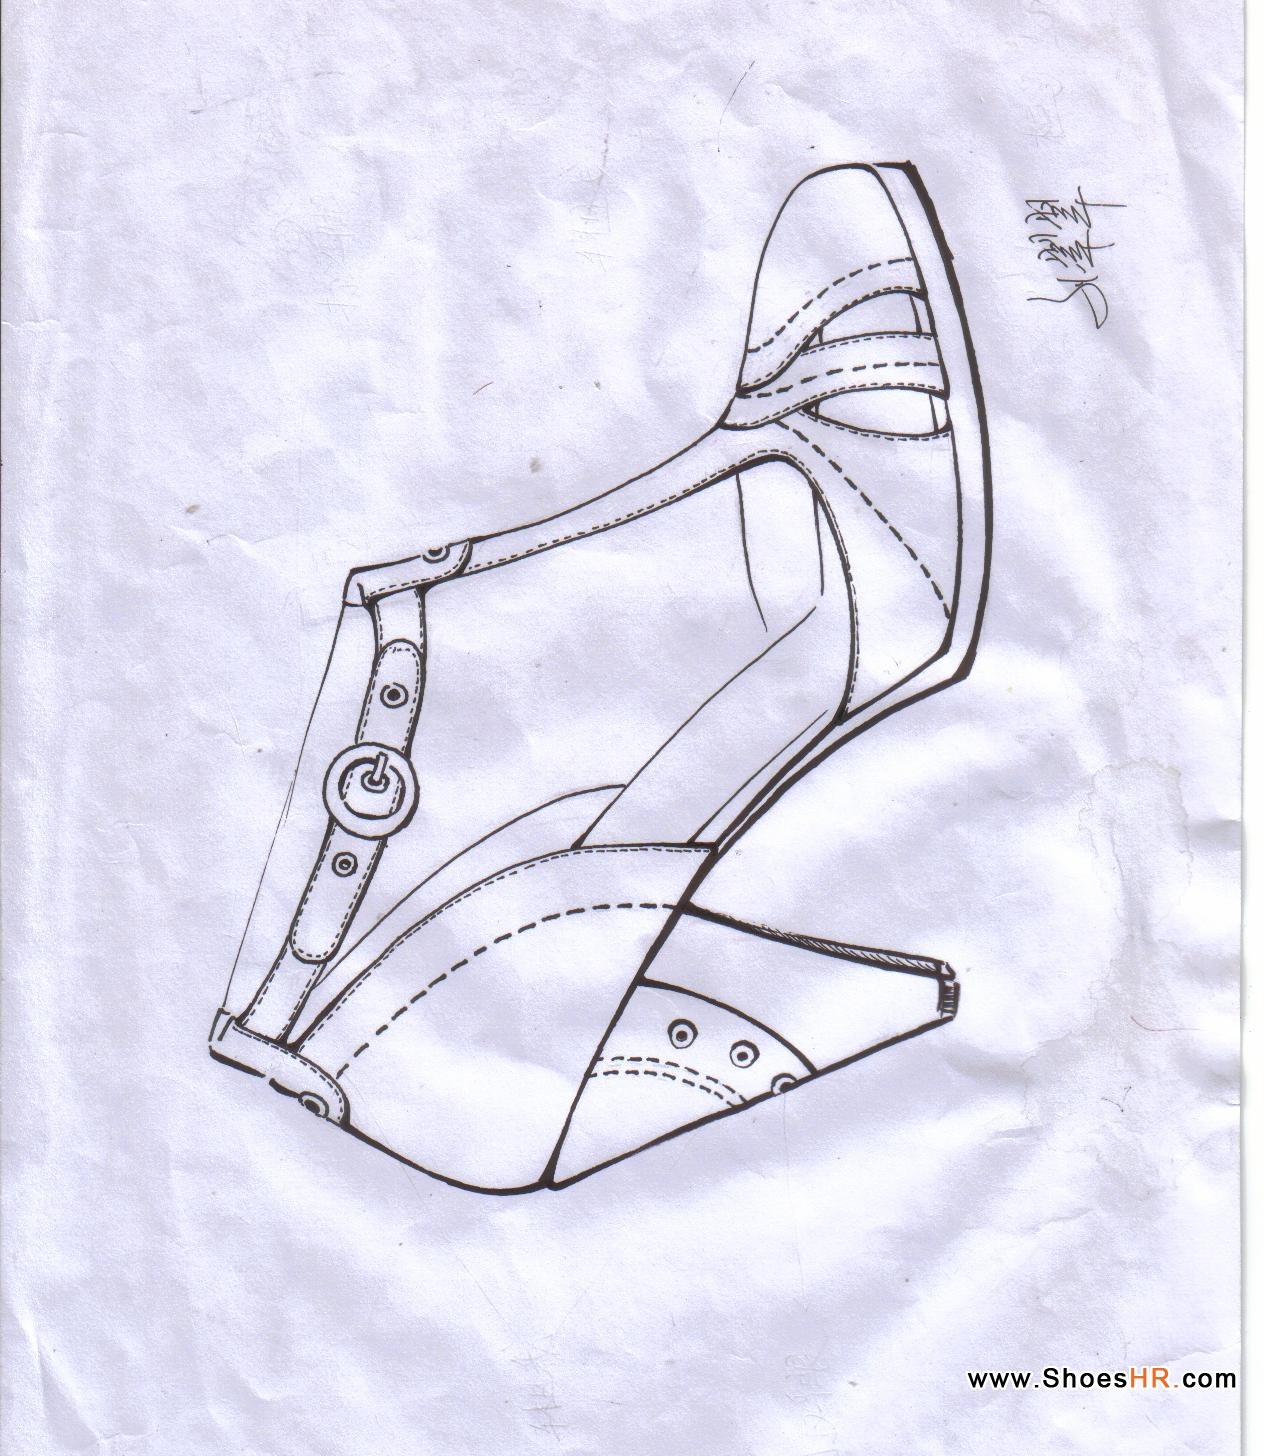 校服设计手稿素描图